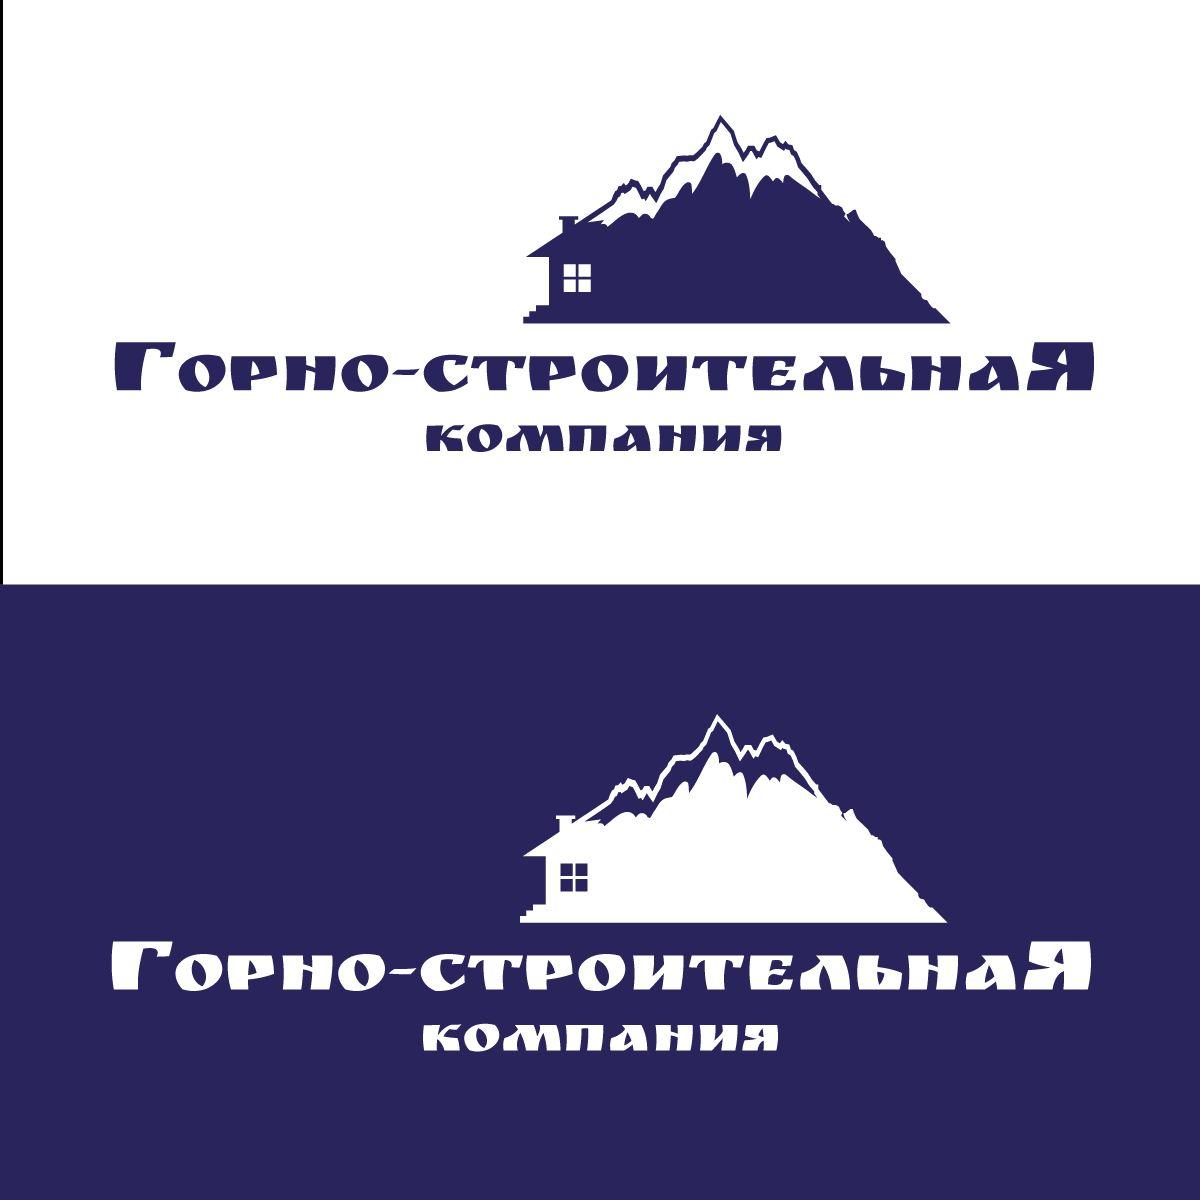 Логотип для Горно-Строительной Компании - дизайнер Denis_Koh